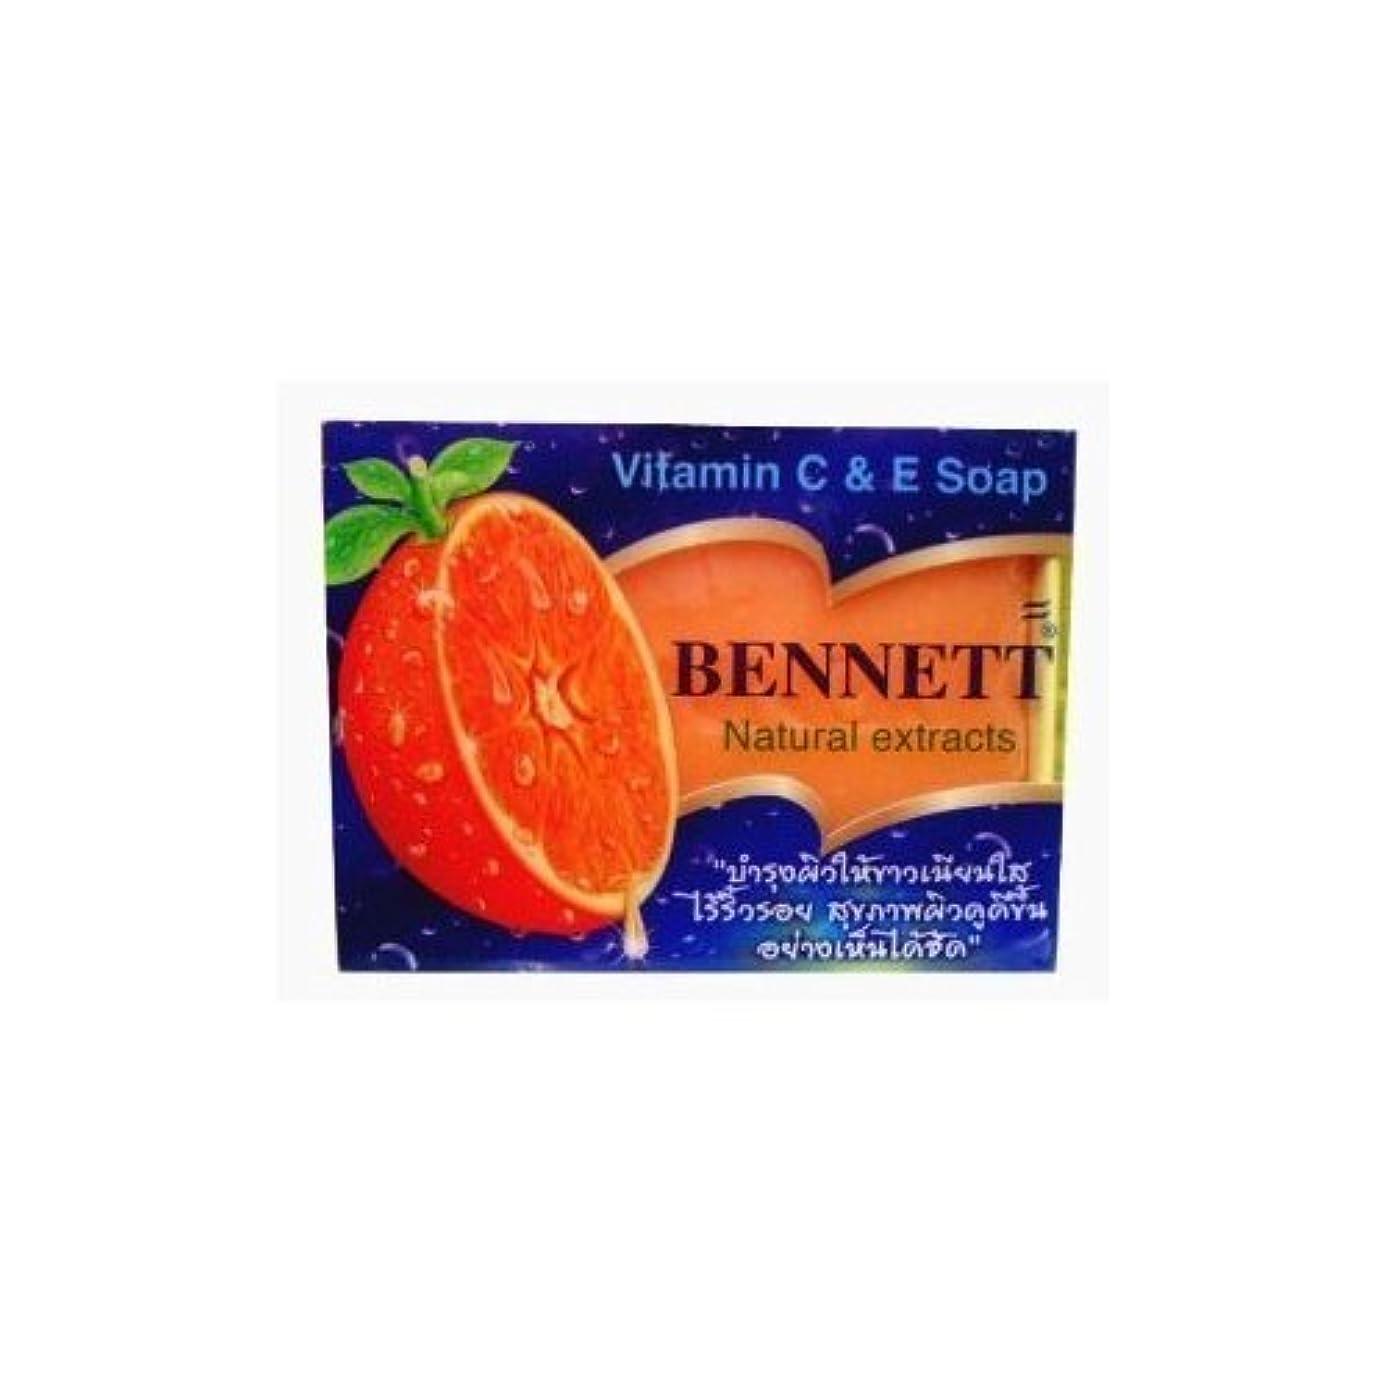 人工的なカレッジ価格High Vitamin Fruit Extract Body and Face Bar Spa Soap 4.59 0z, Enriched Vitamin C & E Skin Smooth & Anti Acne...